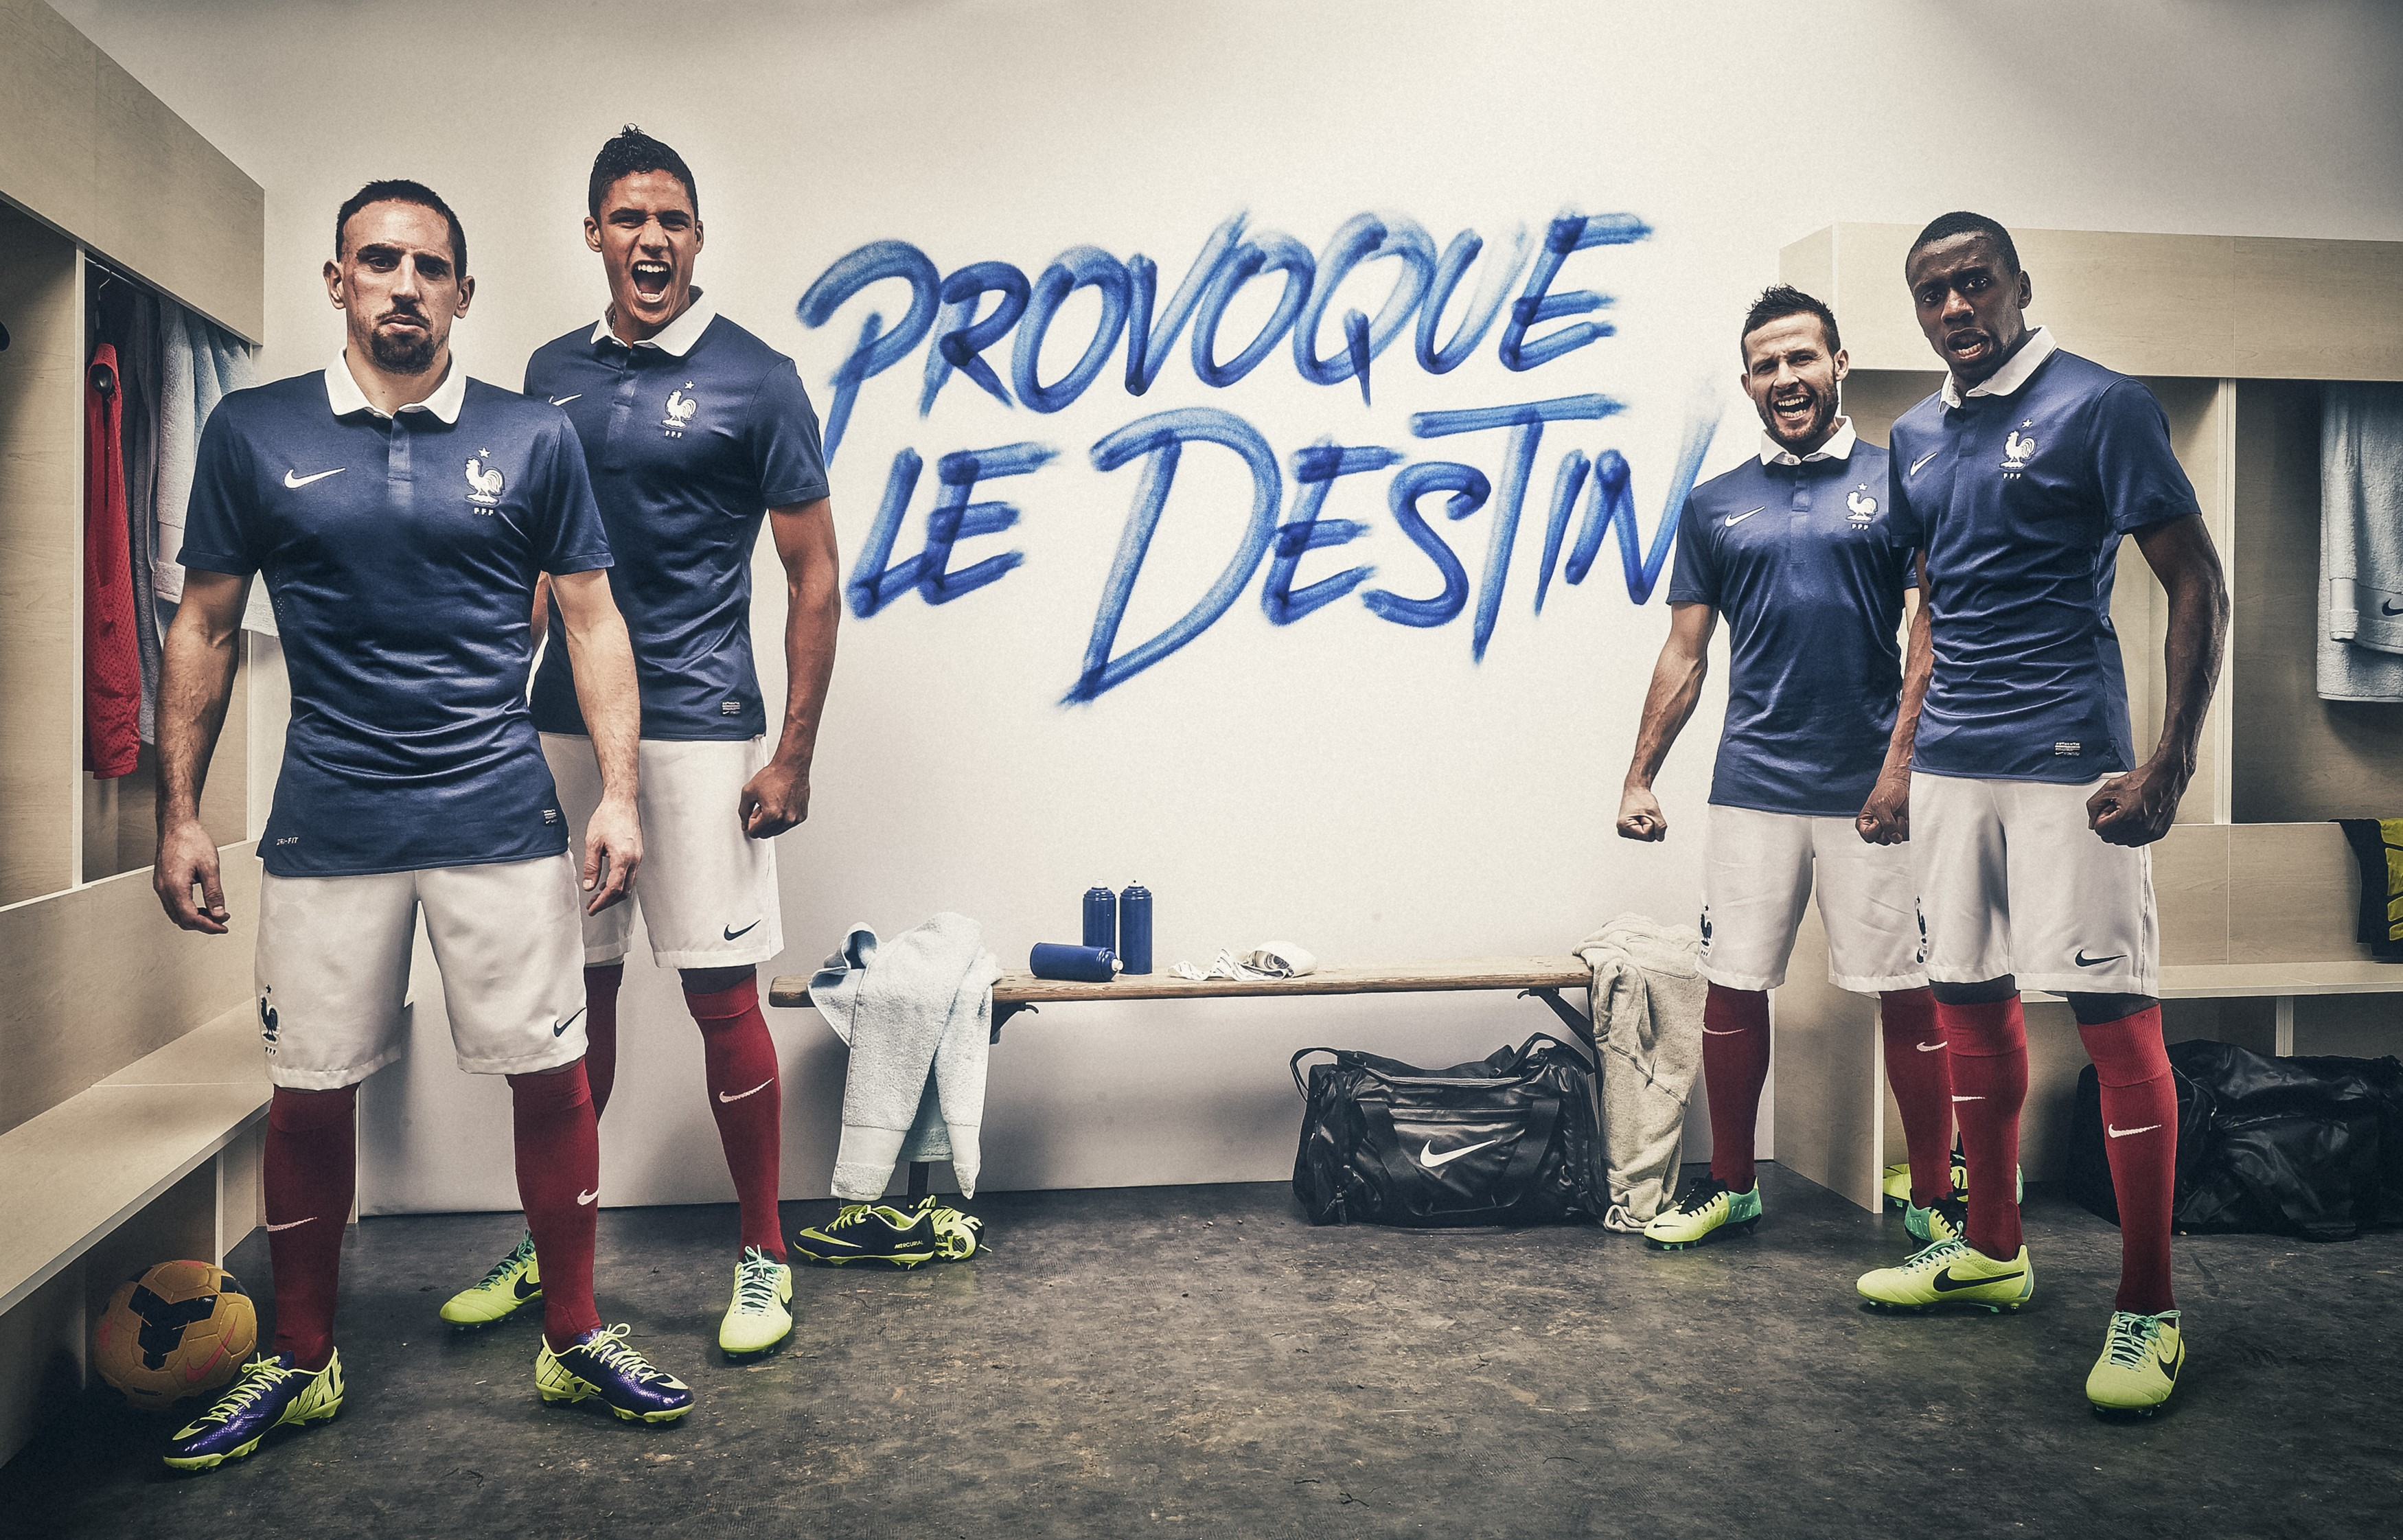 Coupe du monde 2014 nouveau maillot de l 39 equipe de france nike - Maillot equipe de france coupe du monde 2014 ...